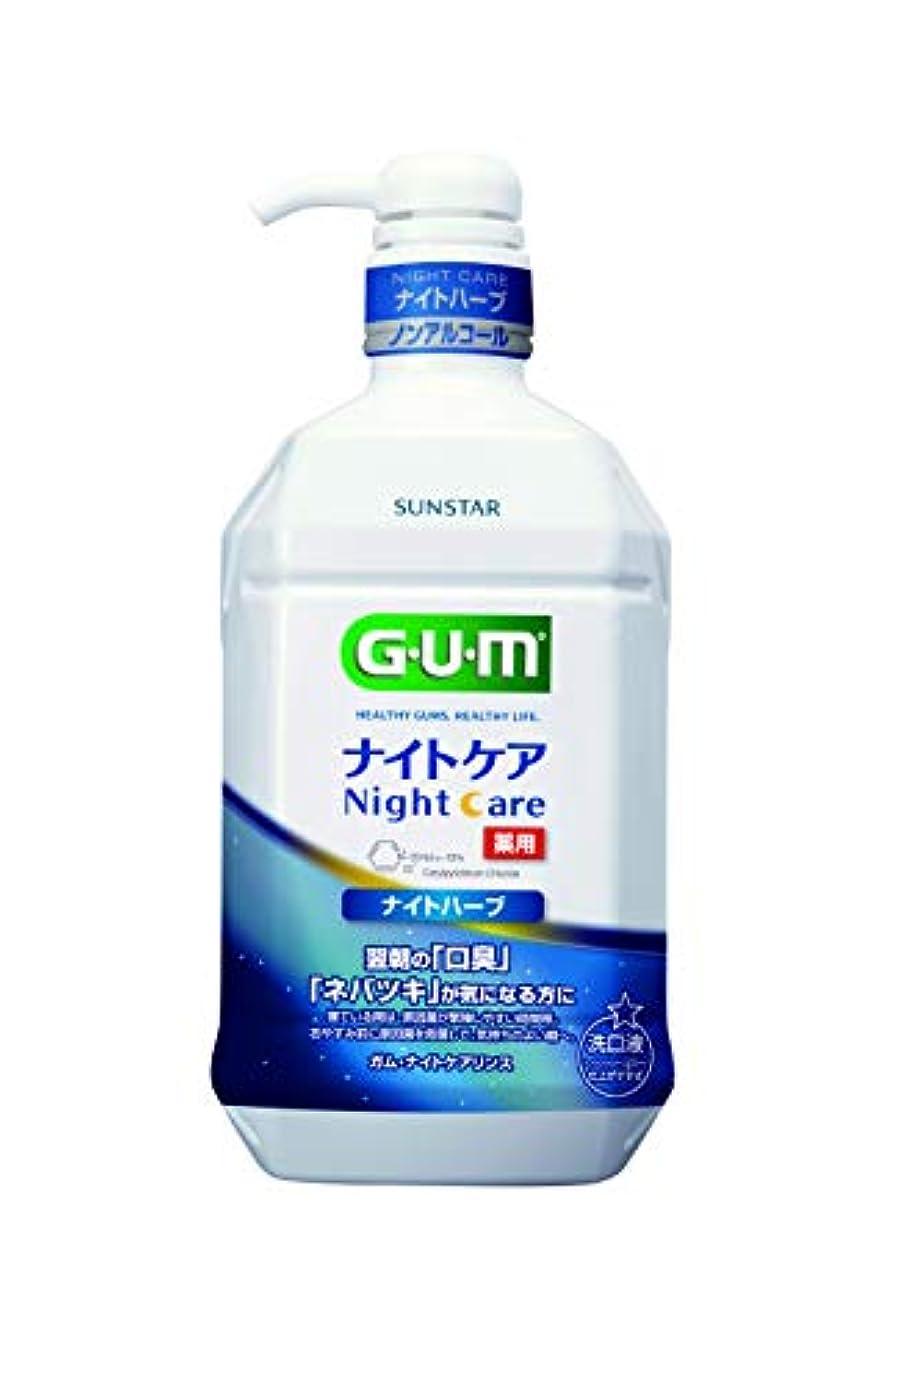 有望絶望じゃがいも(医薬部外品) GUM(ガム) マウスウォッシュ ナイトケア 薬用洗口液(ナイトハーブタイプ)900mL